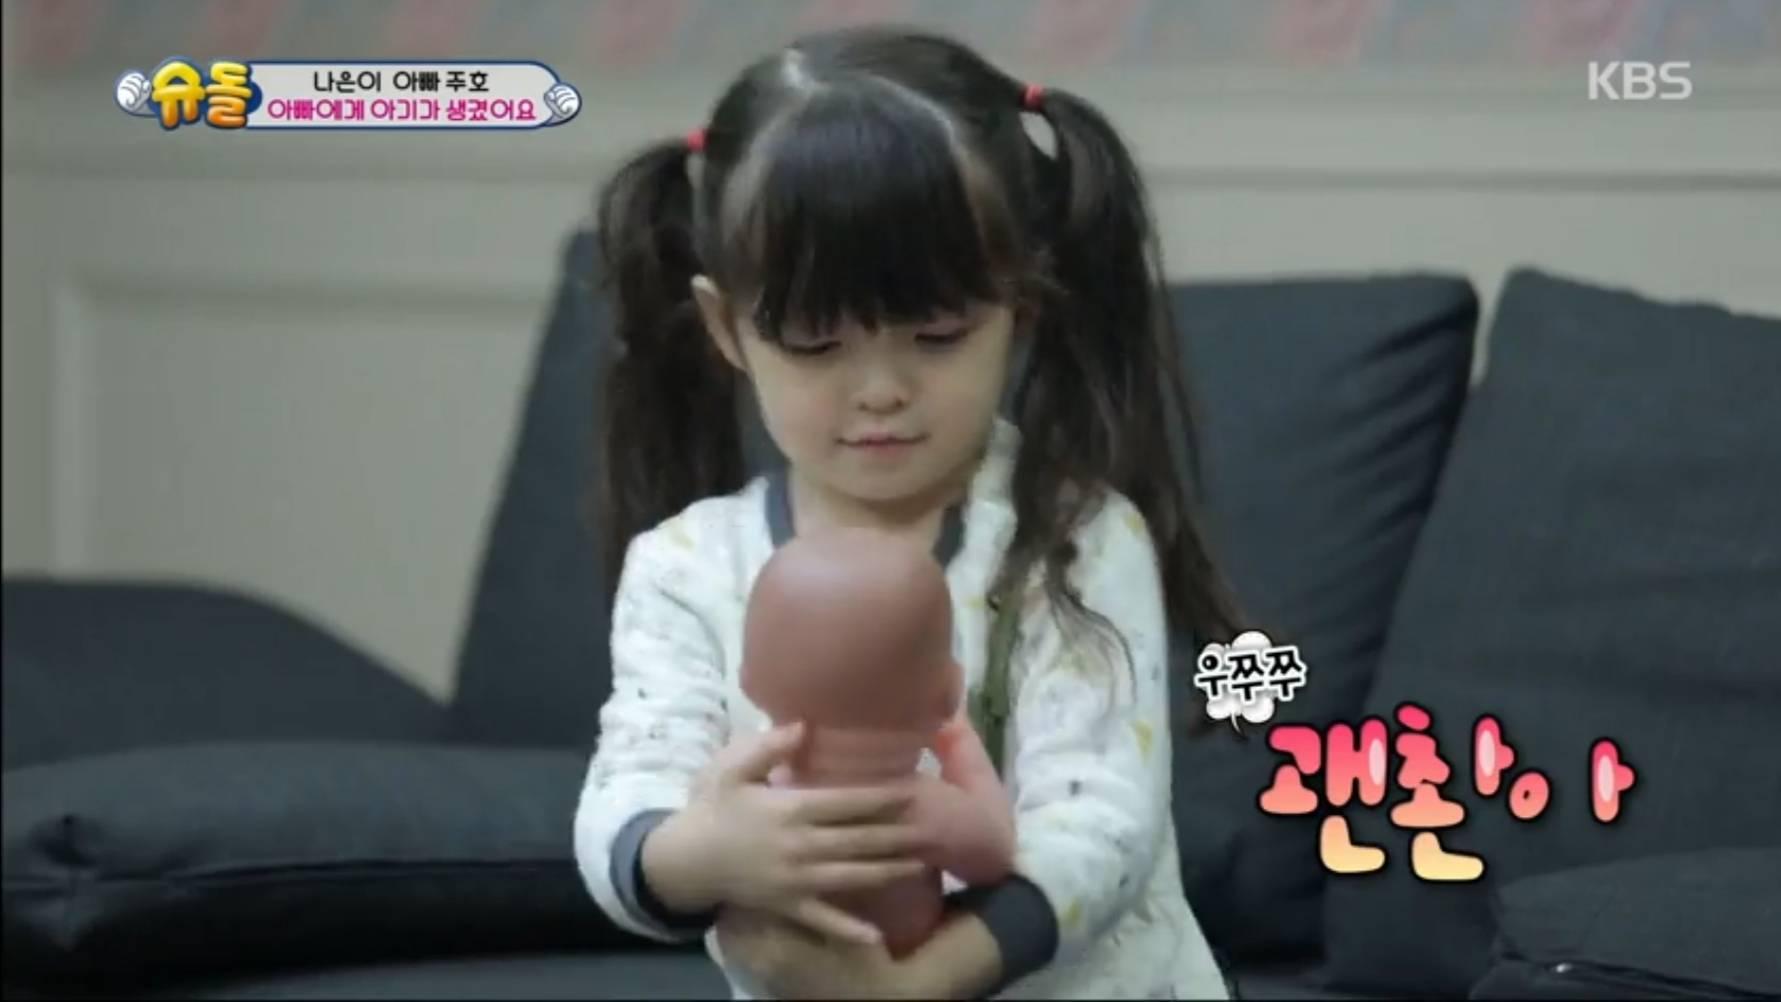 [슈퍼맨이돌아왔다] 아빠에게 아기가 생겼어요(박주호 오메가썰) | 인스티즈